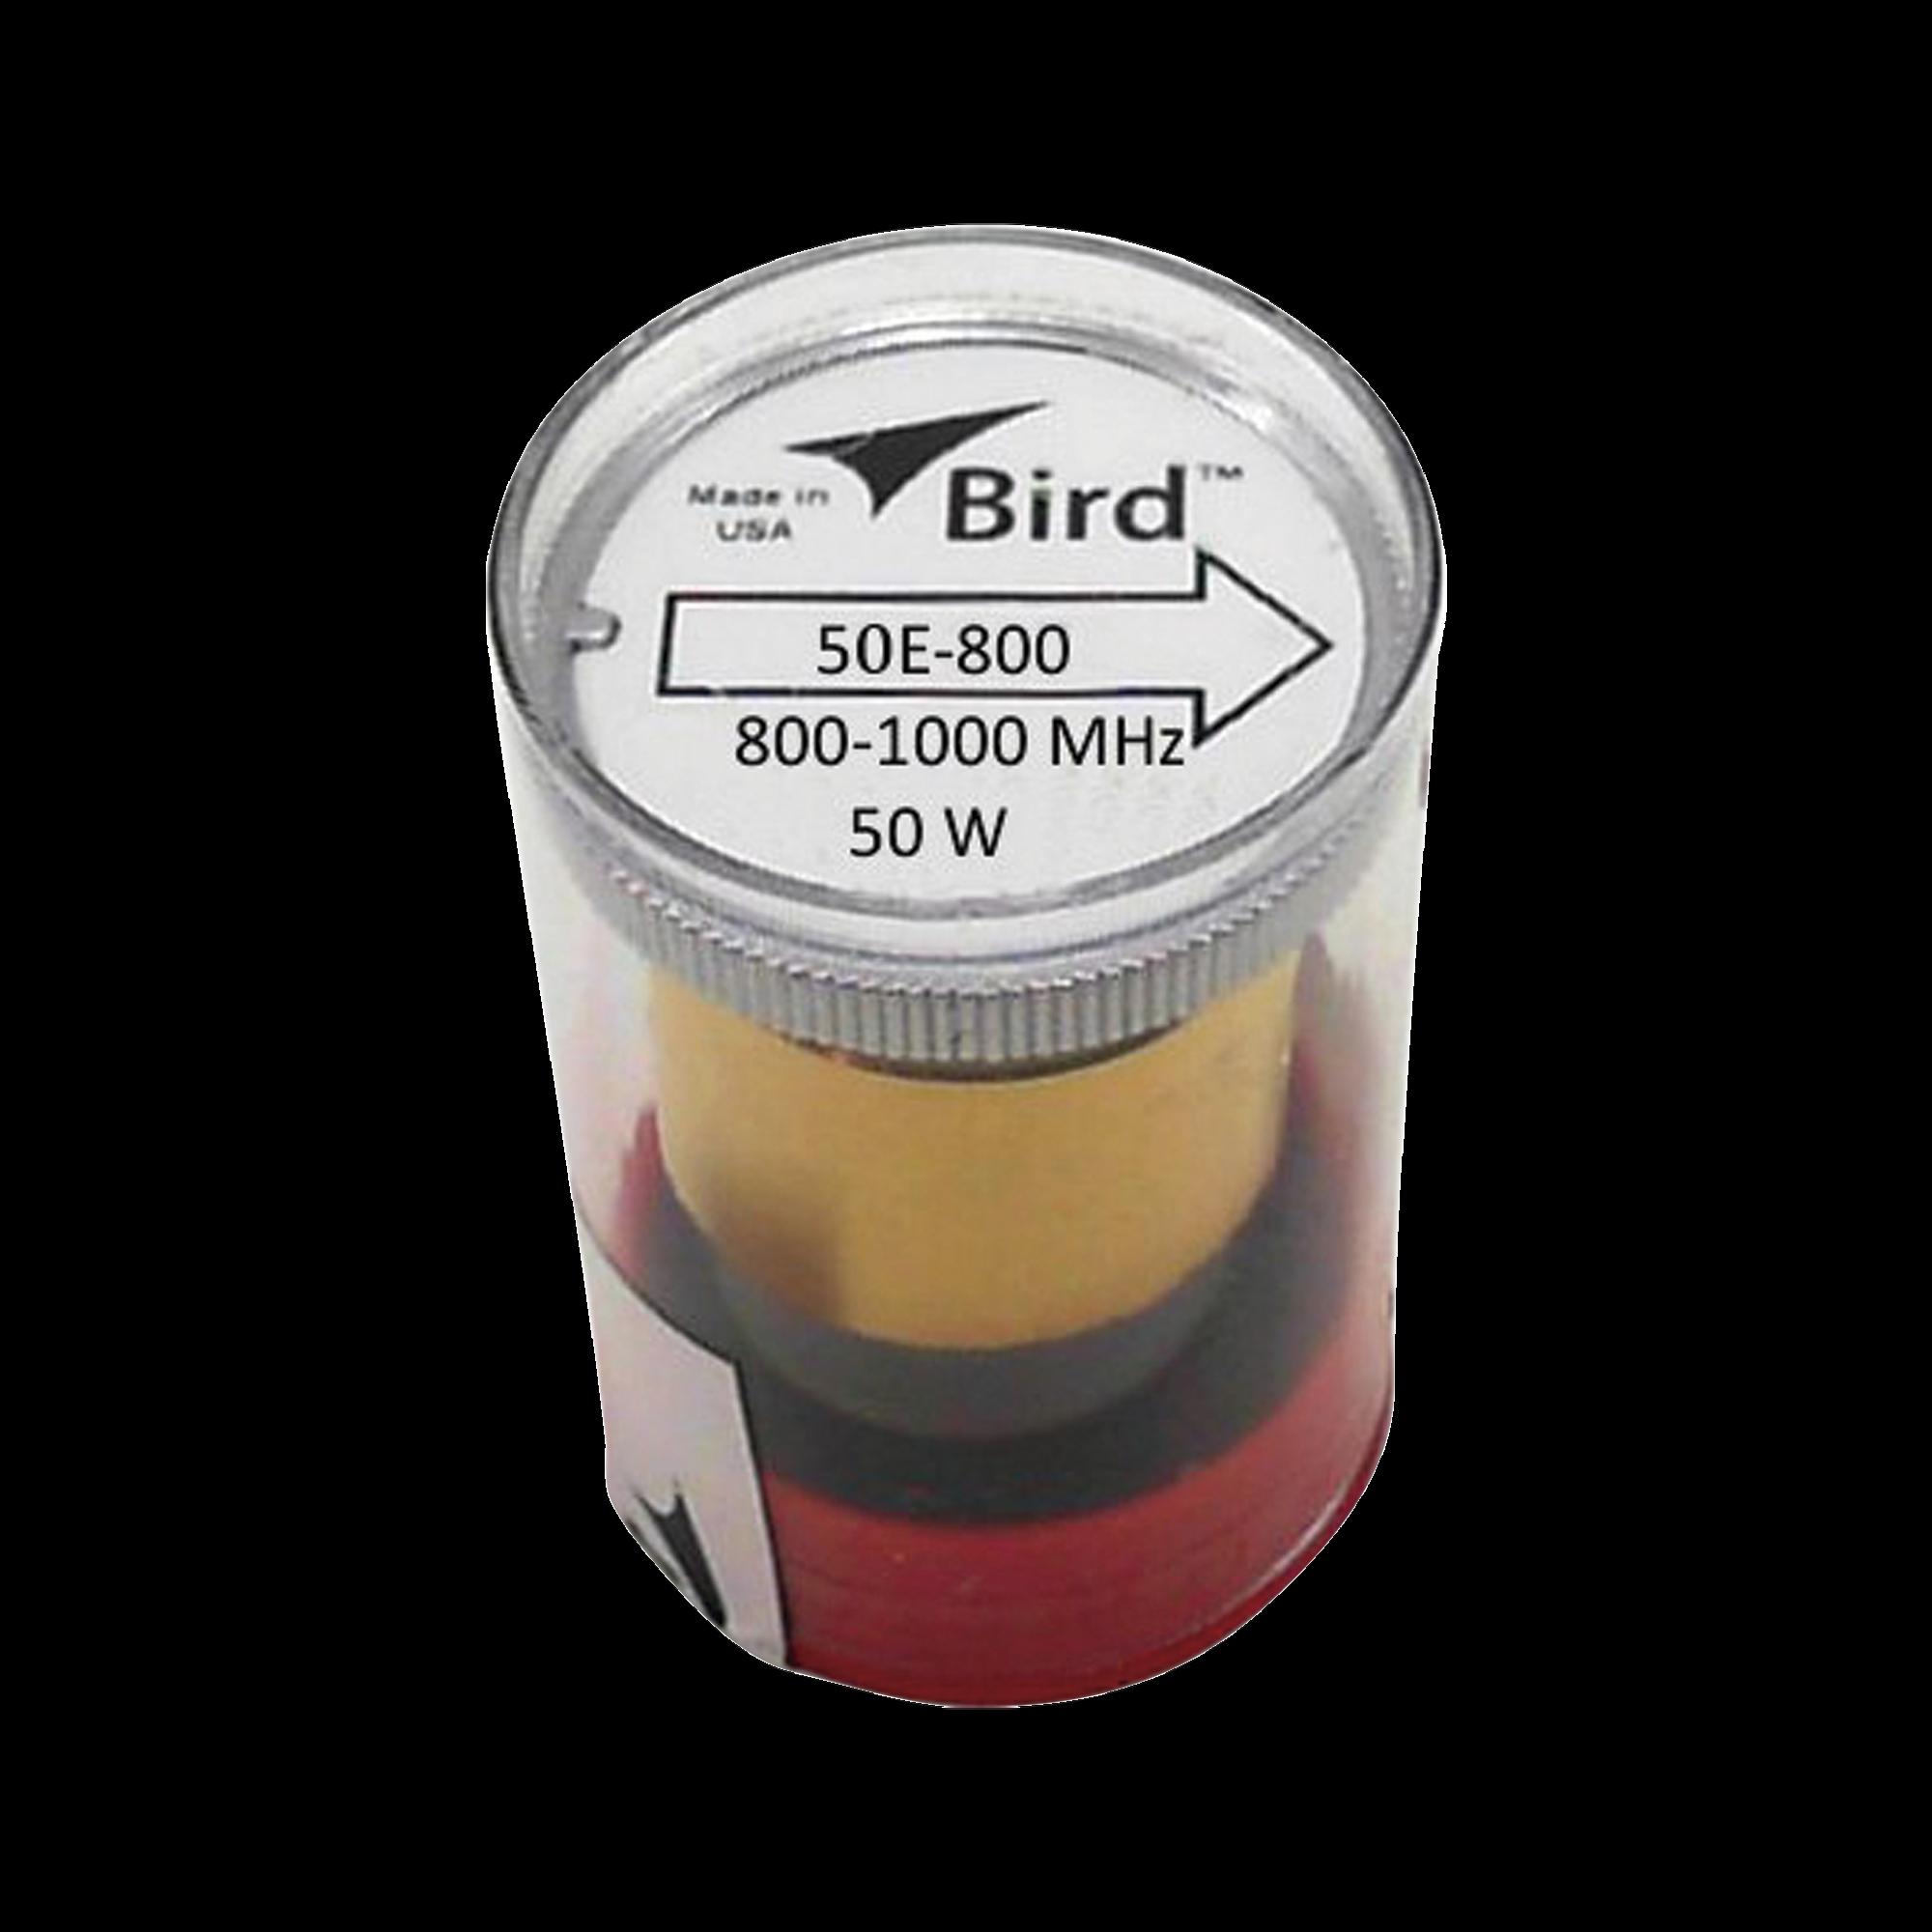 Elemento de 50 Watt en linea 7/8 para Wattmetro BIRD 43 en Rango de Frecuencia de 800 a 1000 MHz.